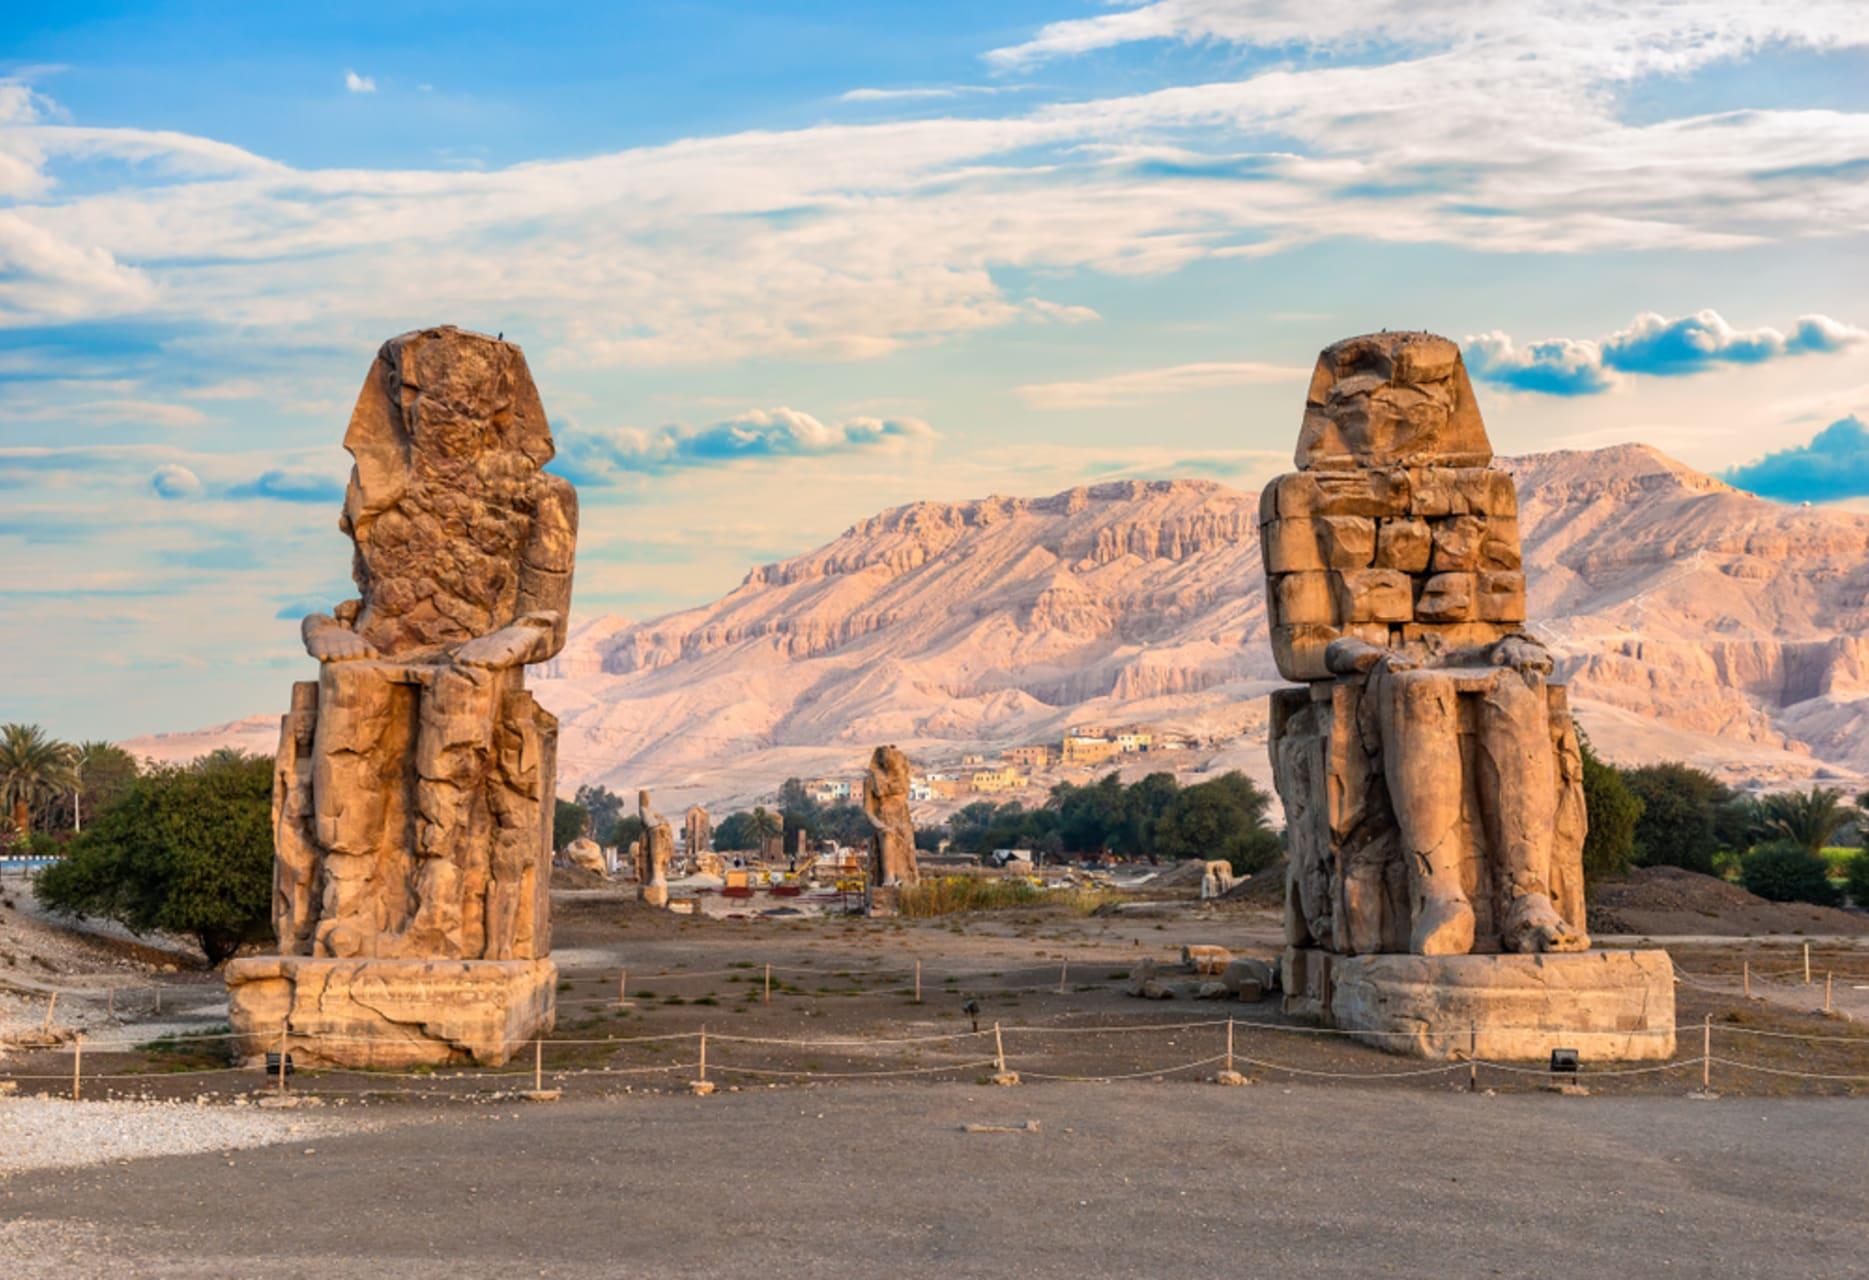 Luxor - The Road To Memnon